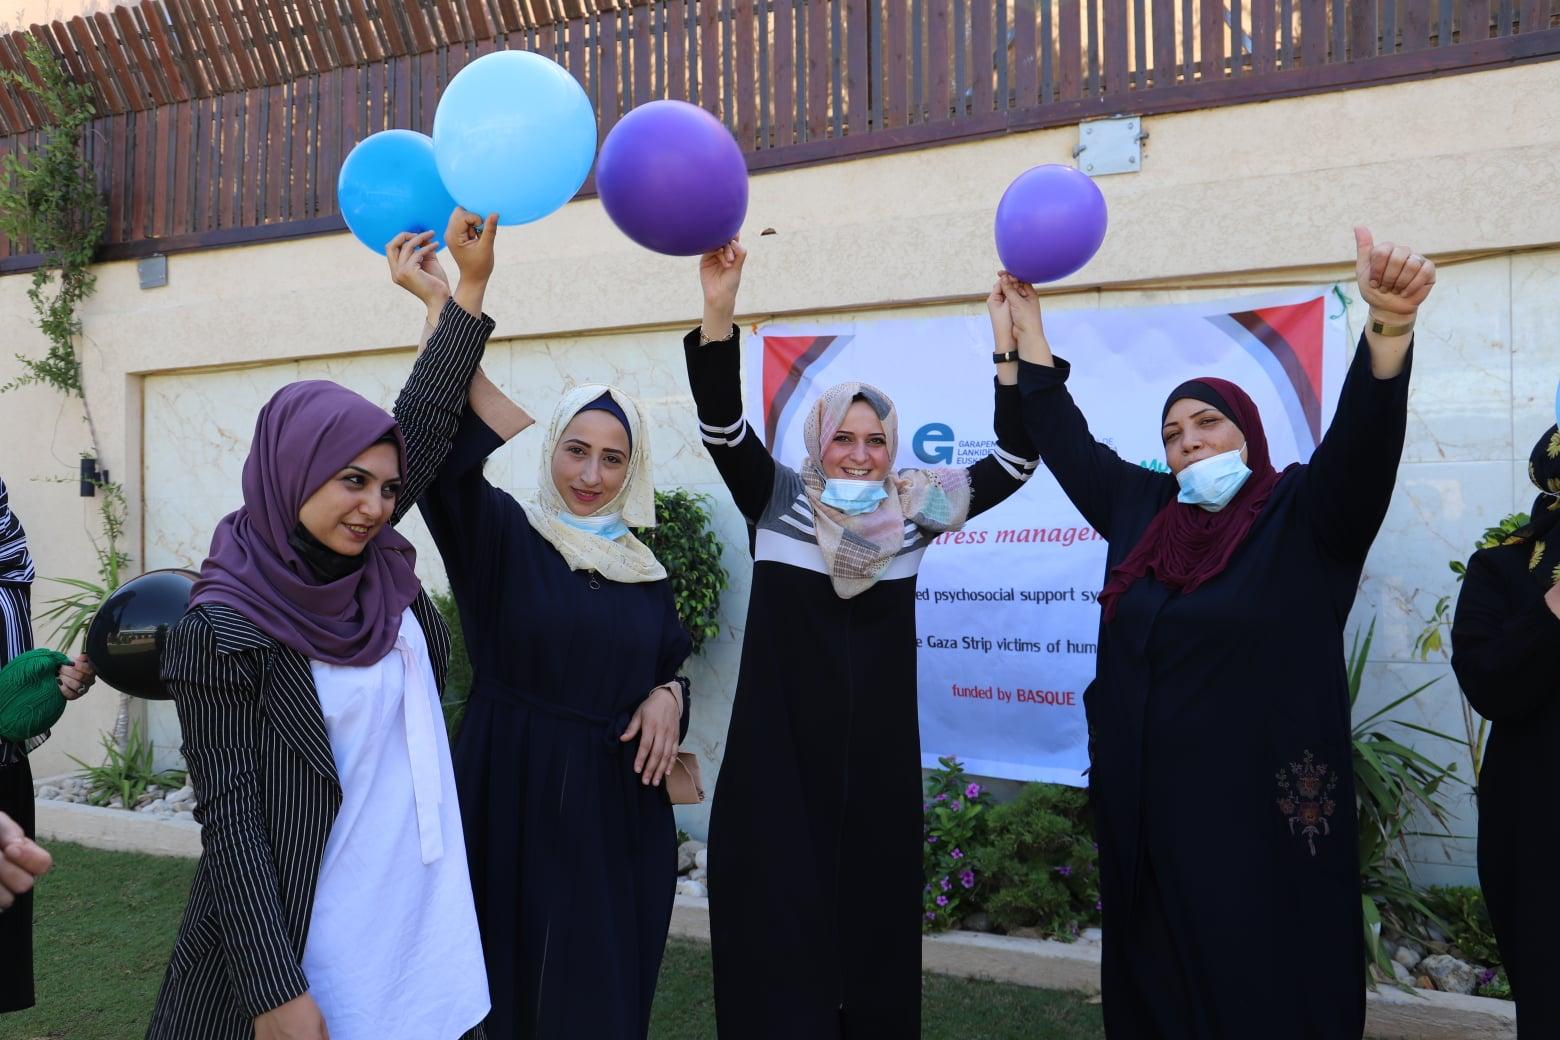 اتحاد لجان المرأة الفلسطينية ينفذ جلسة رعاية ذاتية لطاقم الاتحاد